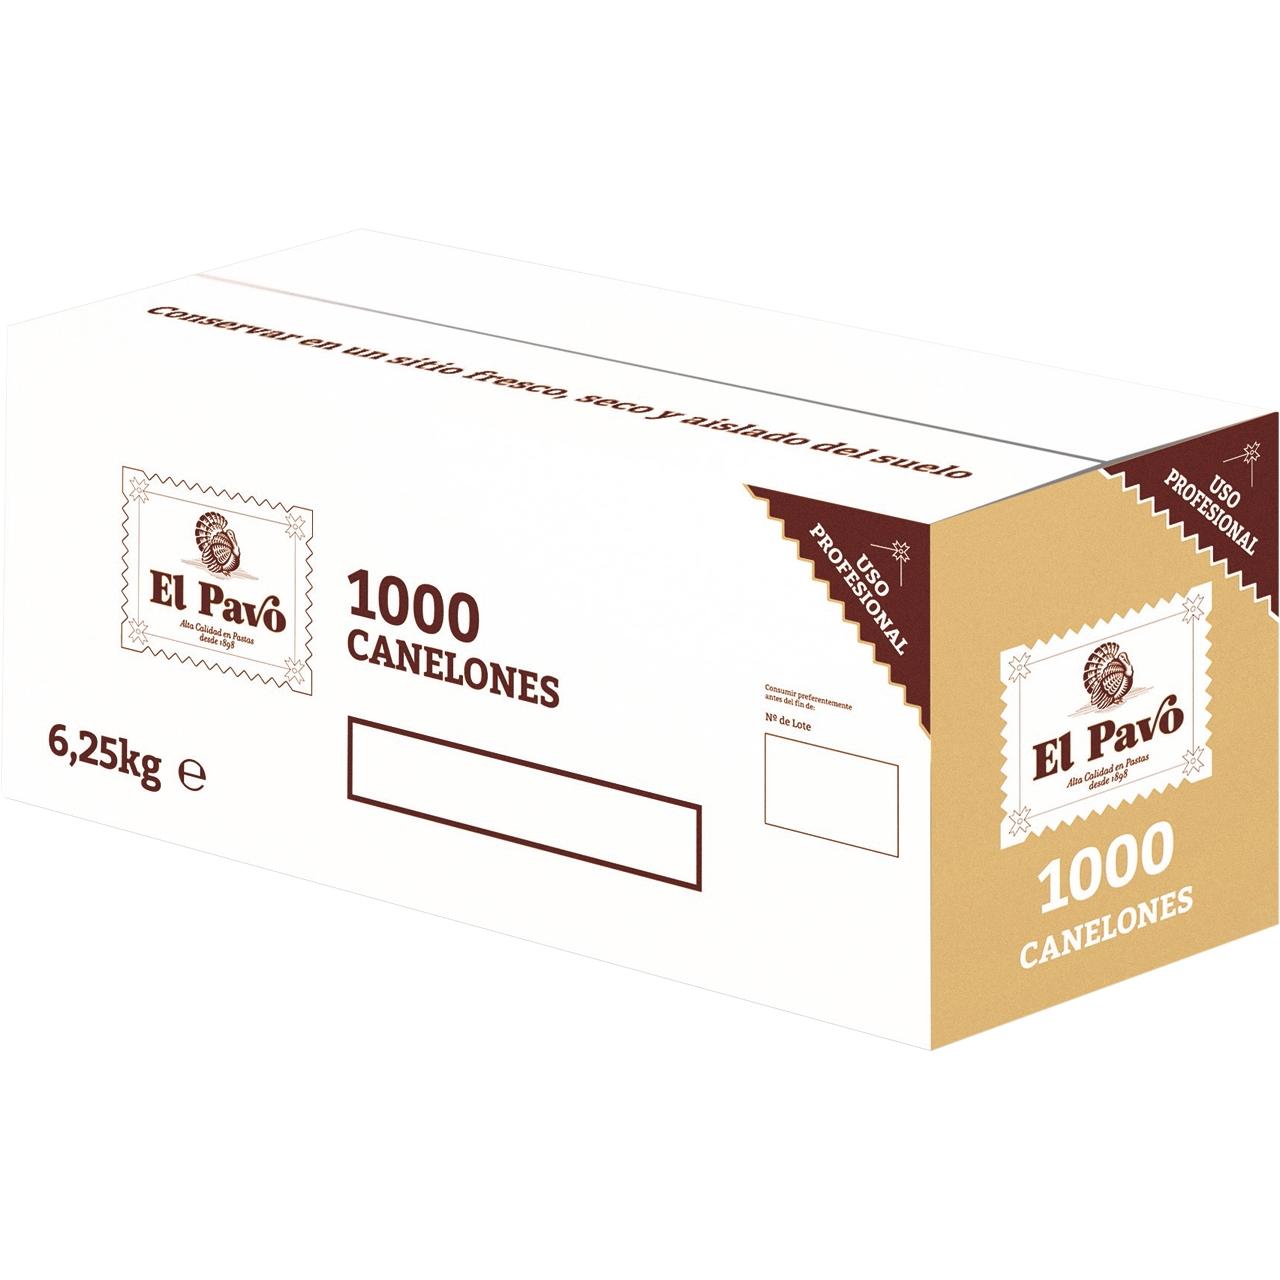 Canelons 1000 plaques El Pavo